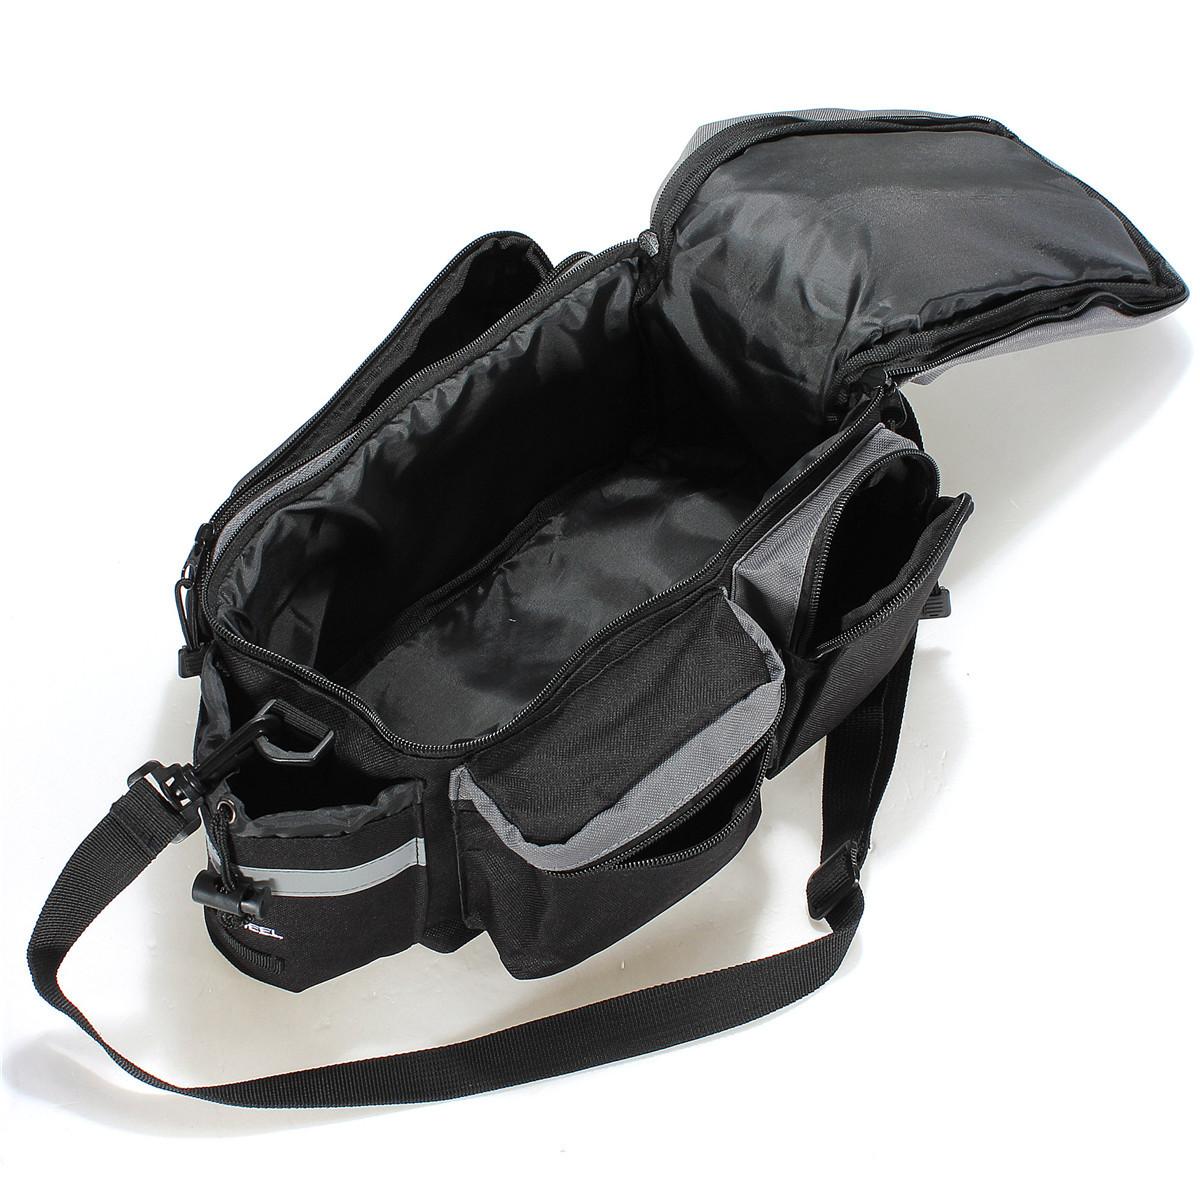 fahrrad gep cktasche satteltasche fahrradtasche. Black Bedroom Furniture Sets. Home Design Ideas